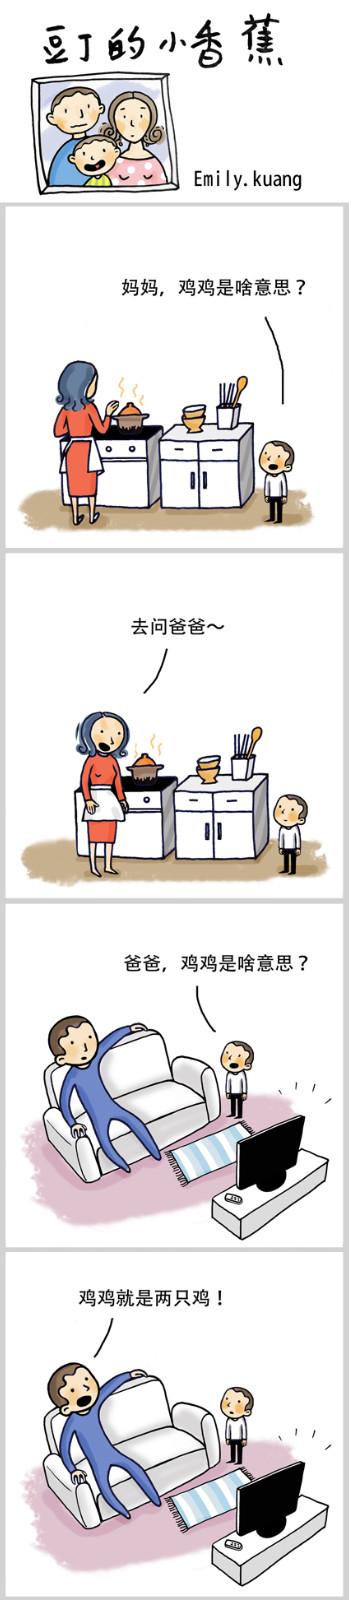 【邝幸漫畫】《豆丁的小香蕉》两只鸡_图1-1